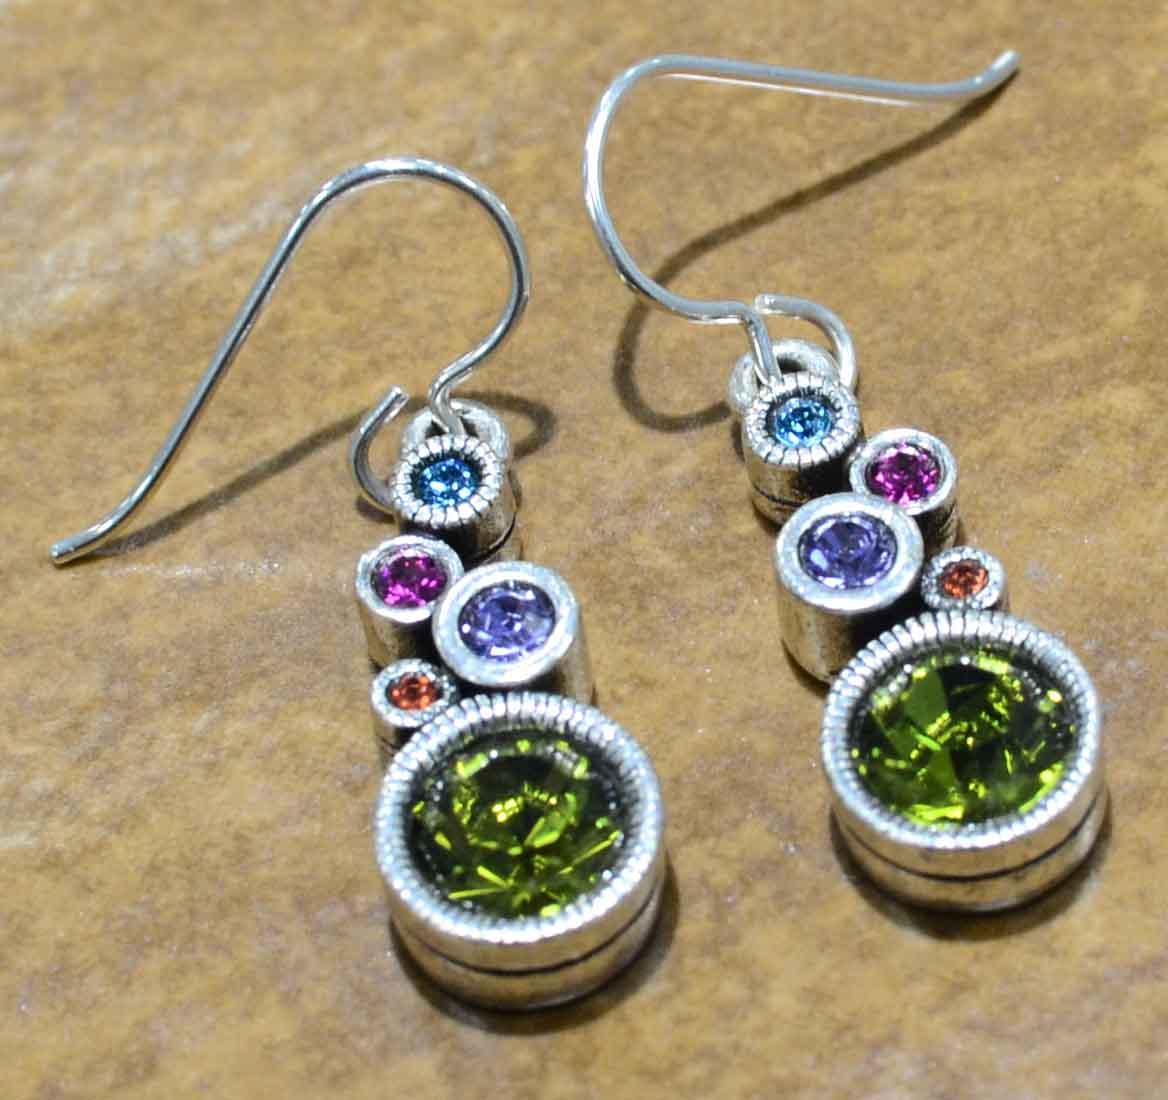 Patricia Locke Encore earrings in Fling